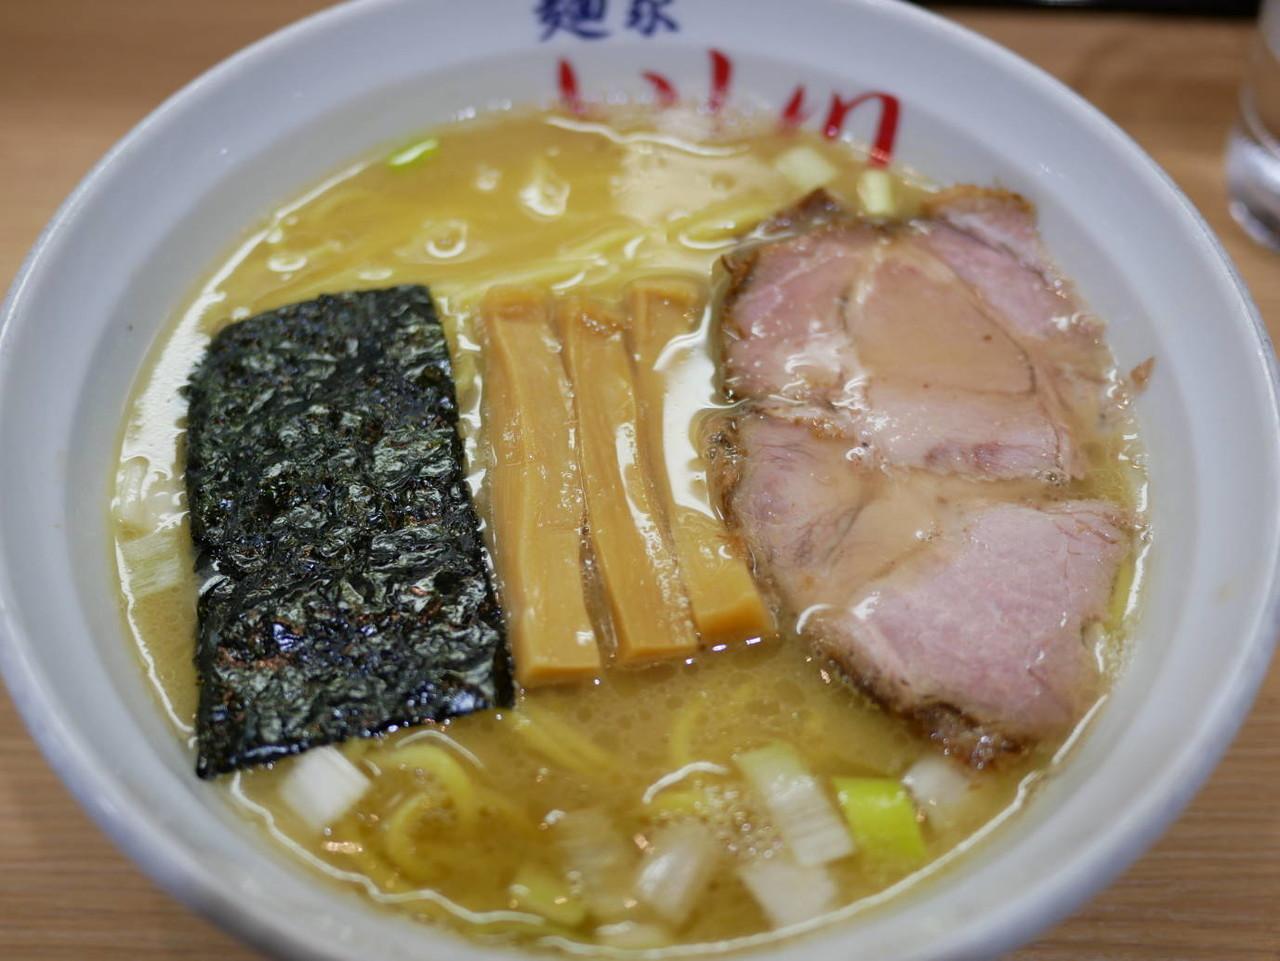 新橋駅周辺で食べるべきとんこつラーメン10選!長浜に久留米、人気の二郎系も!